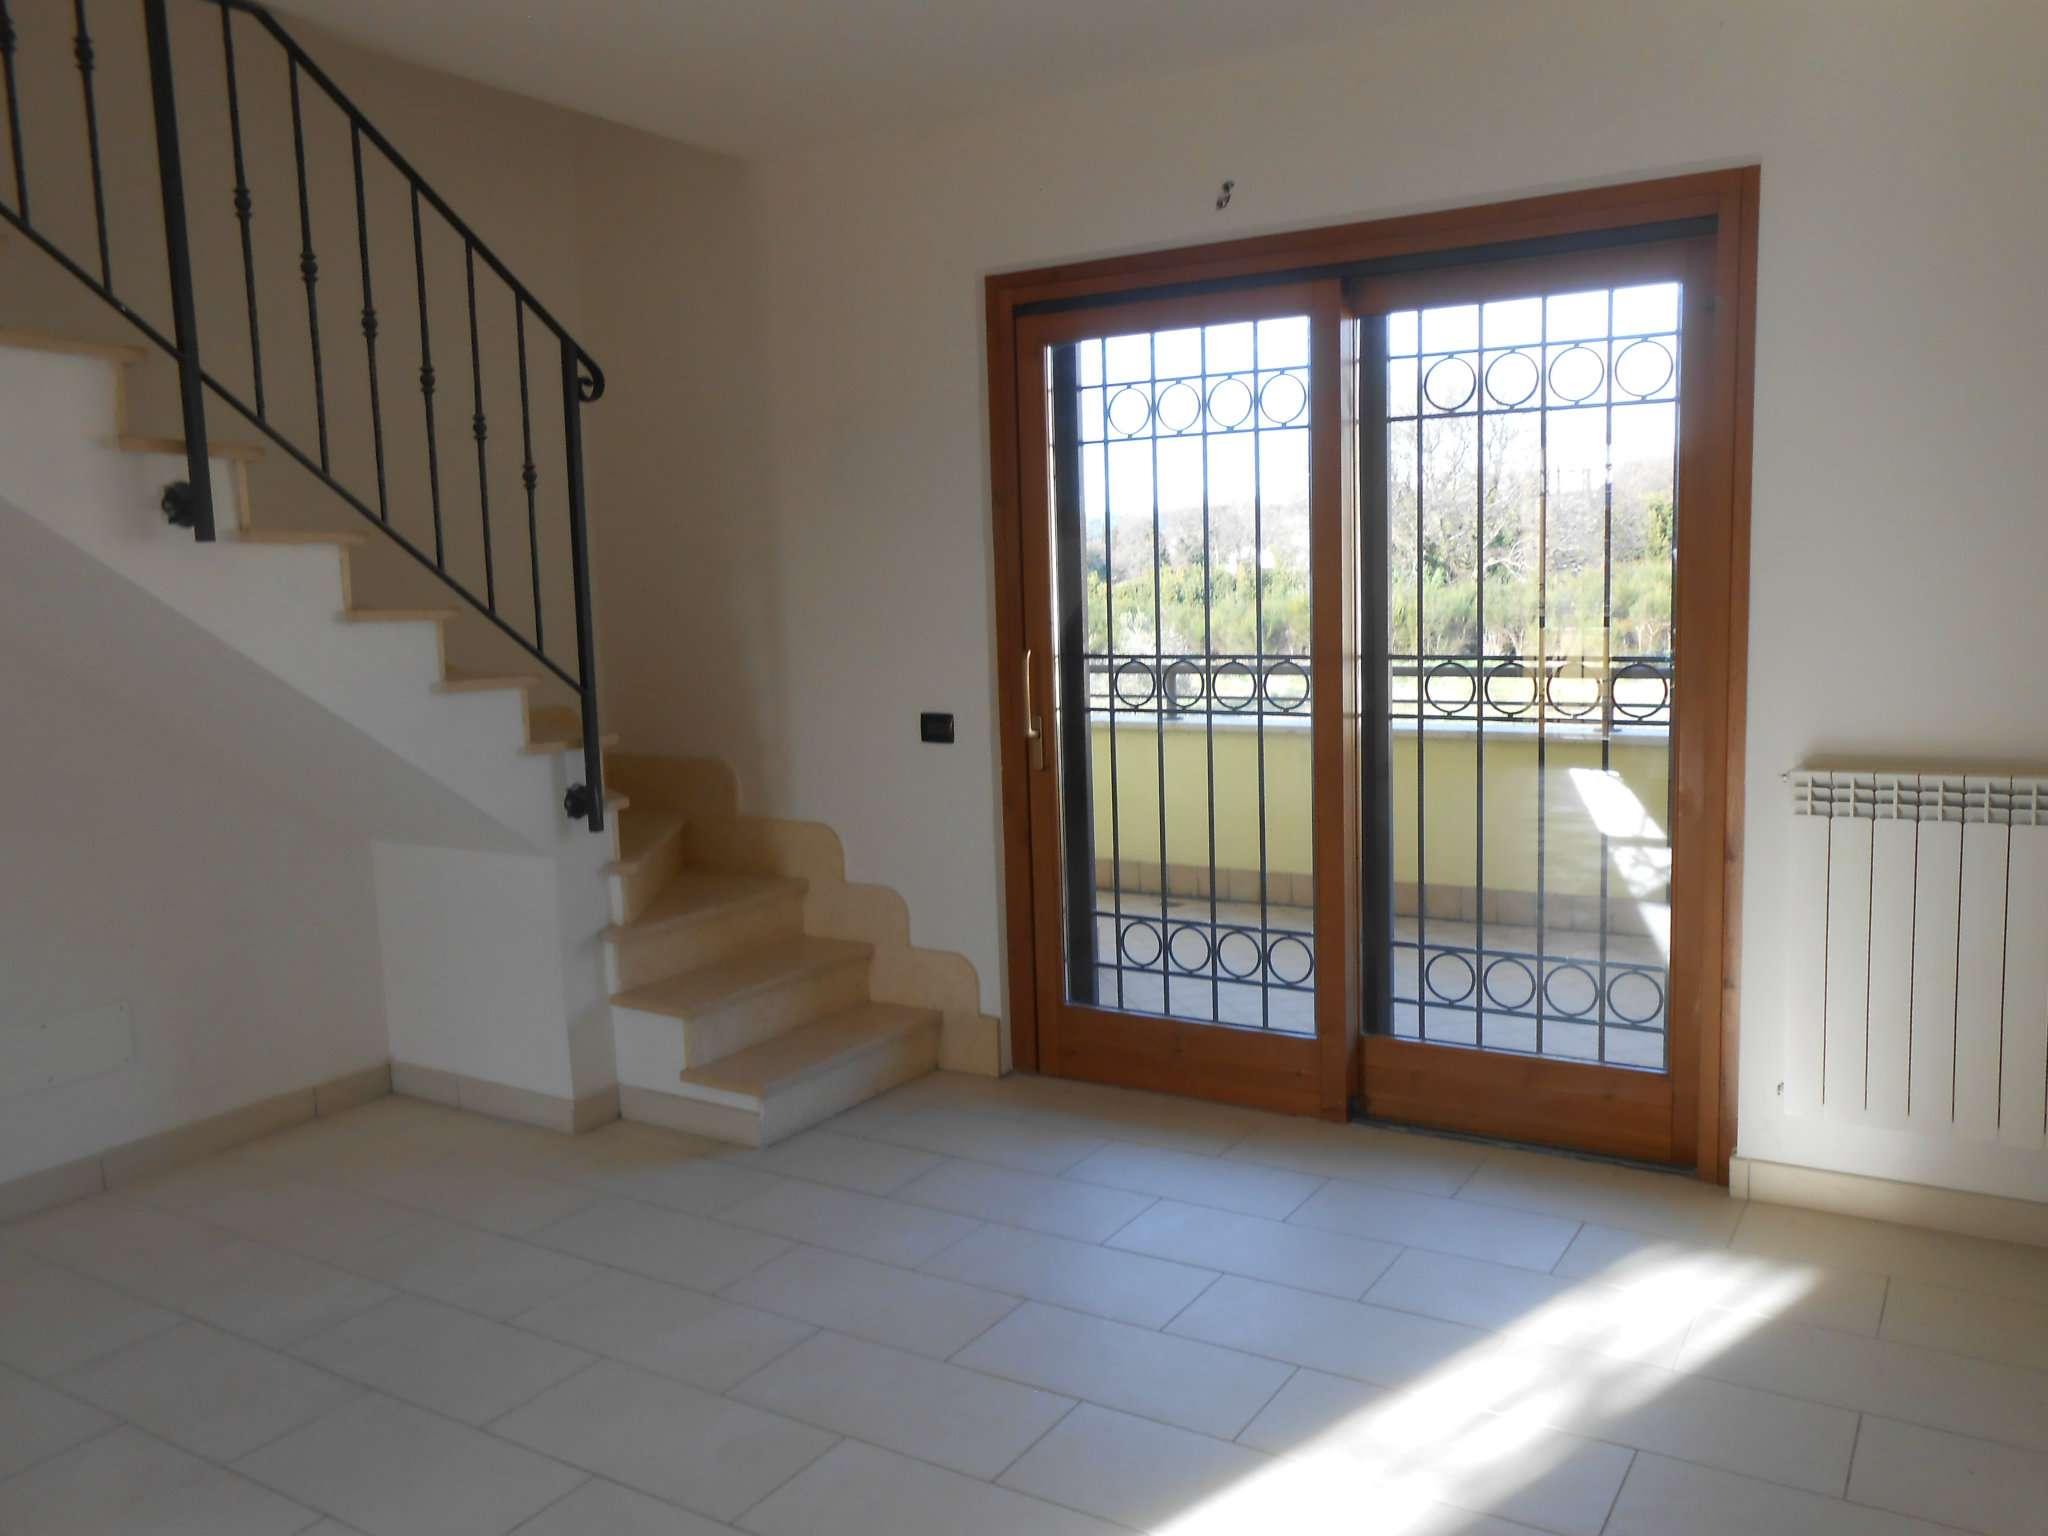 Appartamento in vendita a Rocca di Papa, 4 locali, prezzo € 225.000 | CambioCasa.it